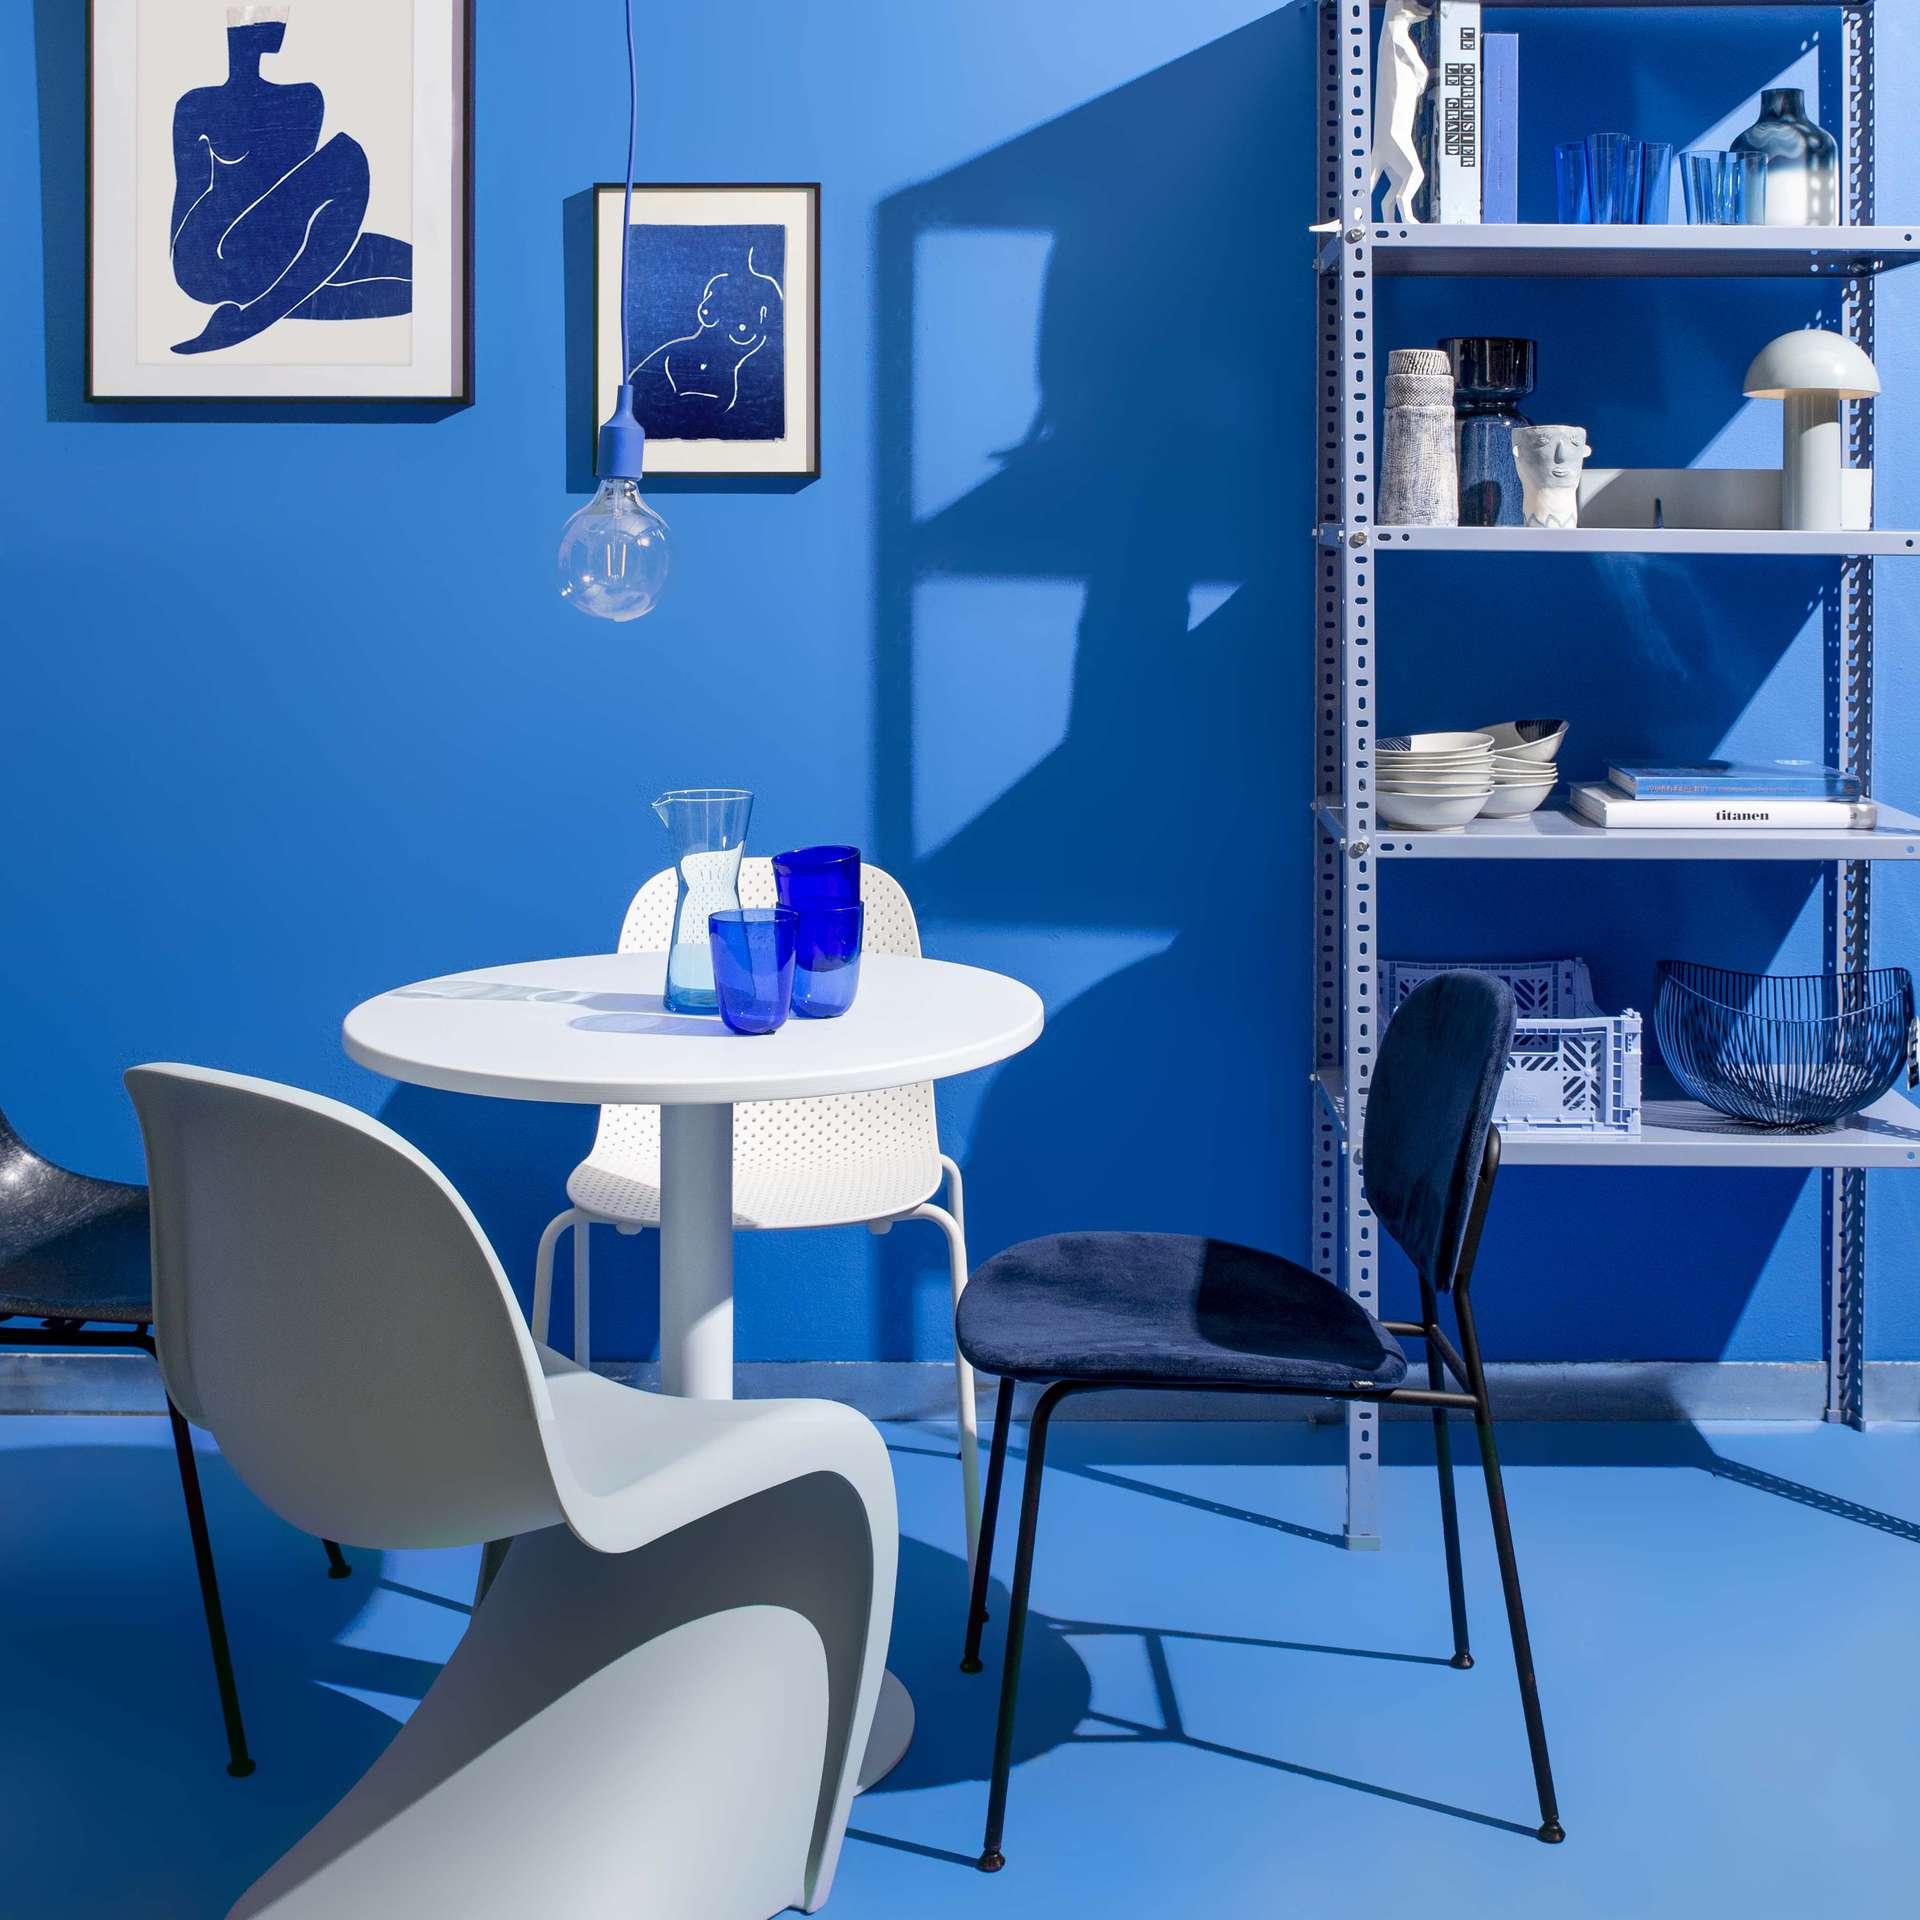 Design Klassiekers Meubels.Haal Jouw Stijl In Huis Met Loods 5 Meubels En Accessoires Loods 5